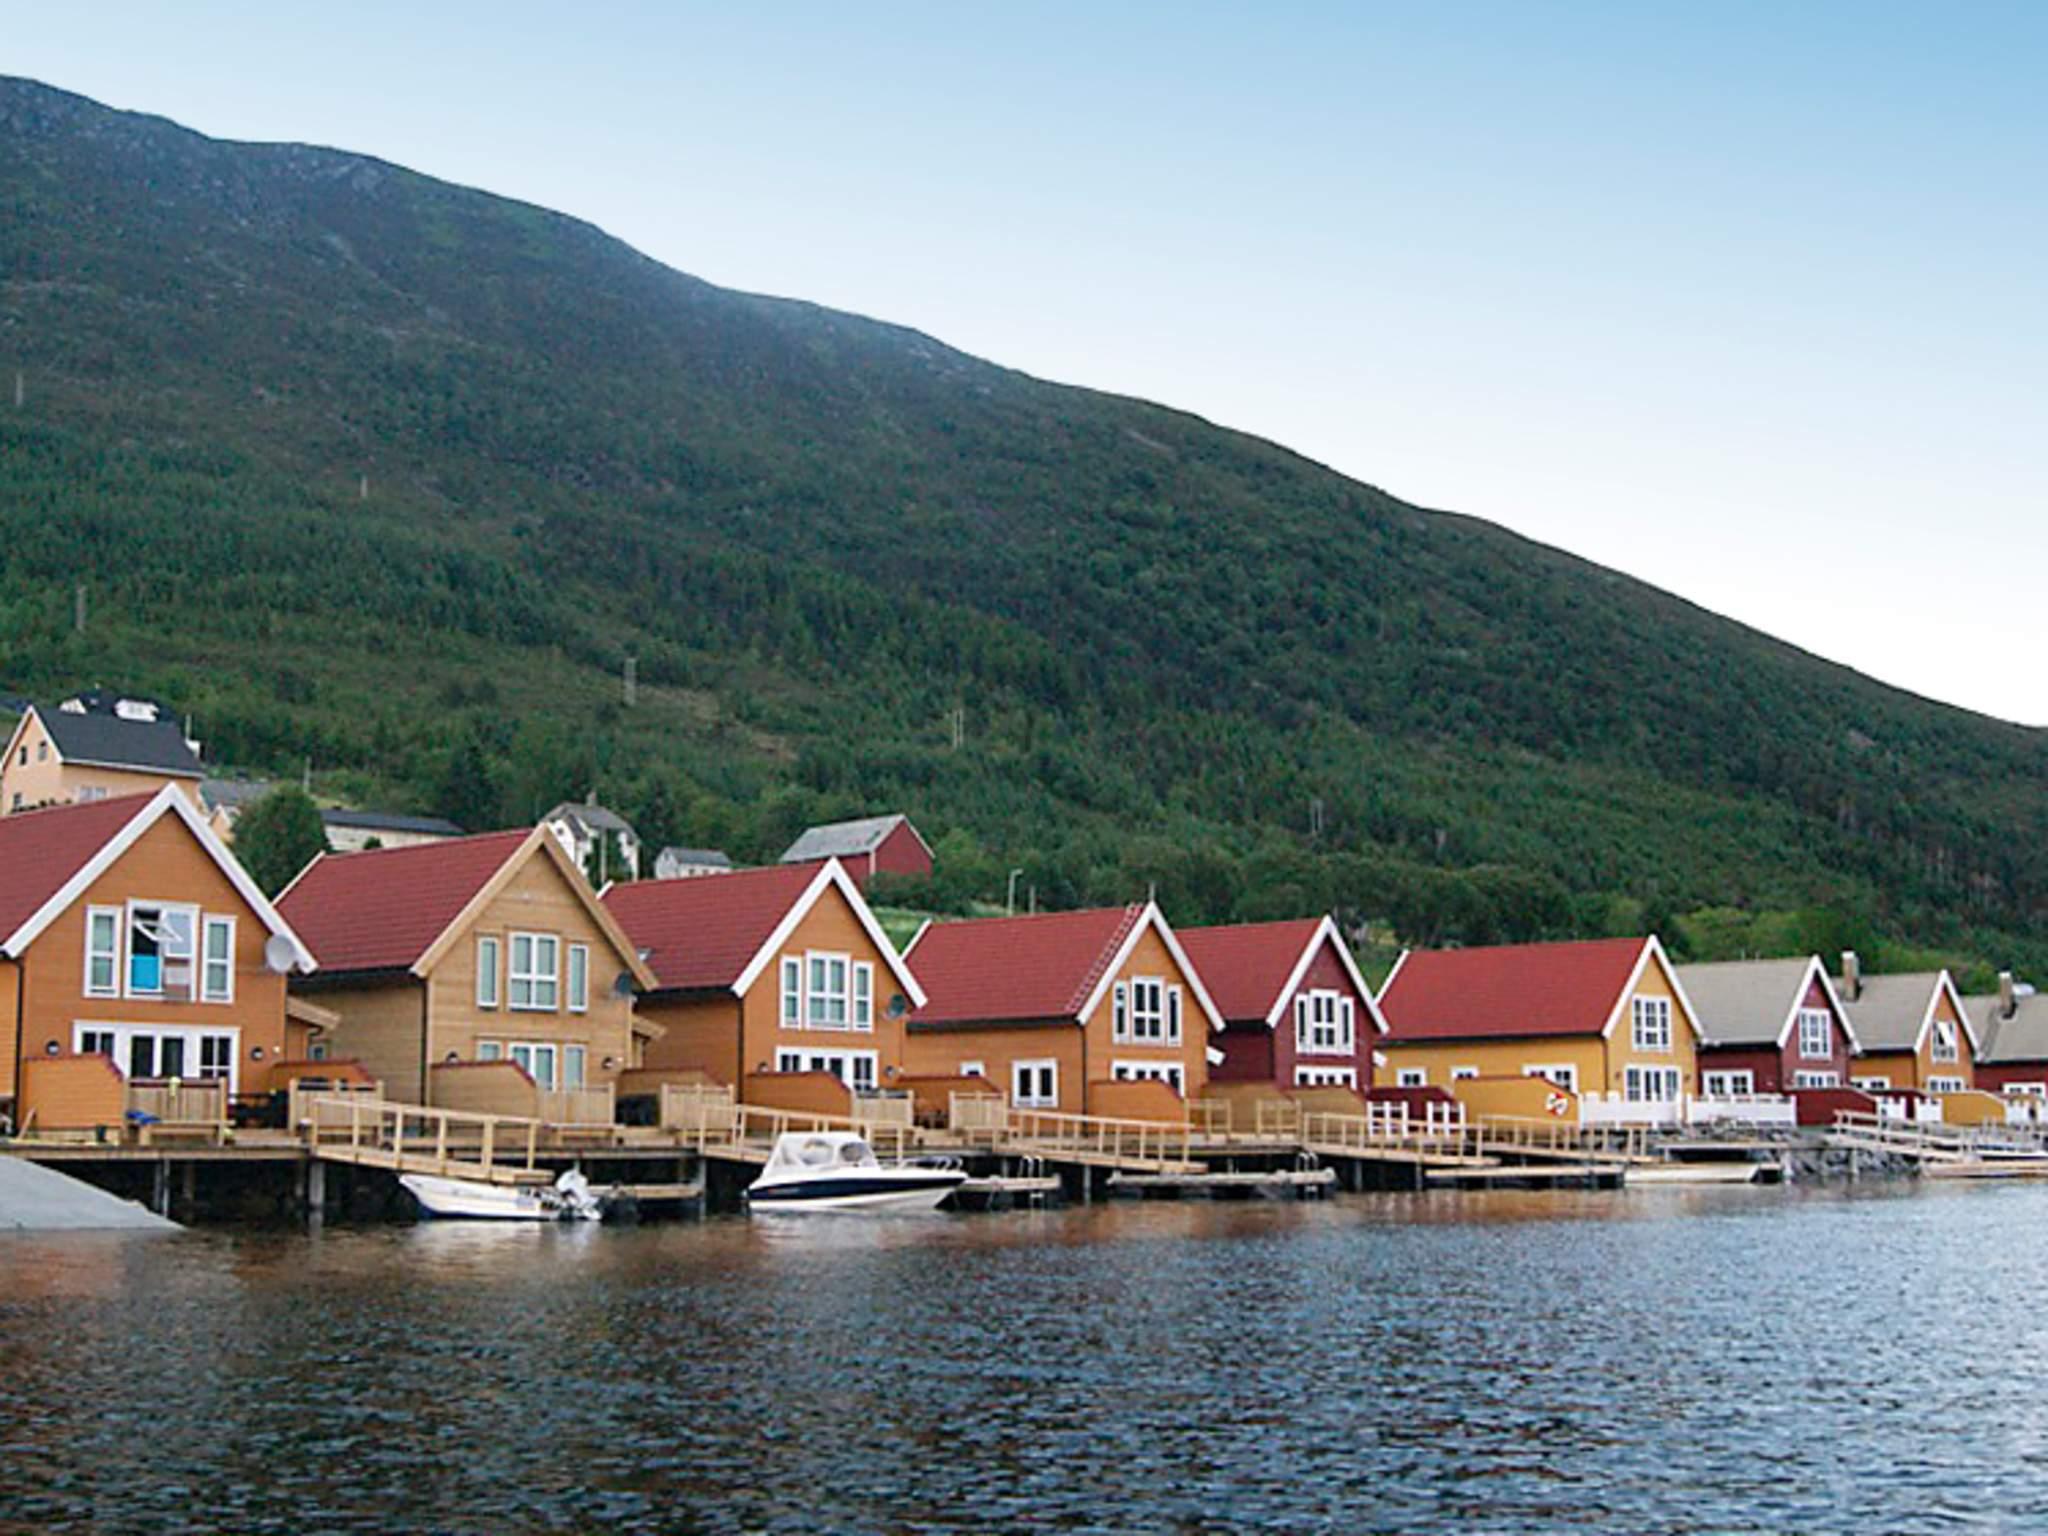 Ferienhaus Haugsbygda (479853), Haugsbygda, More - Romsdal, Westnorwegen, Norwegen, Bild 26